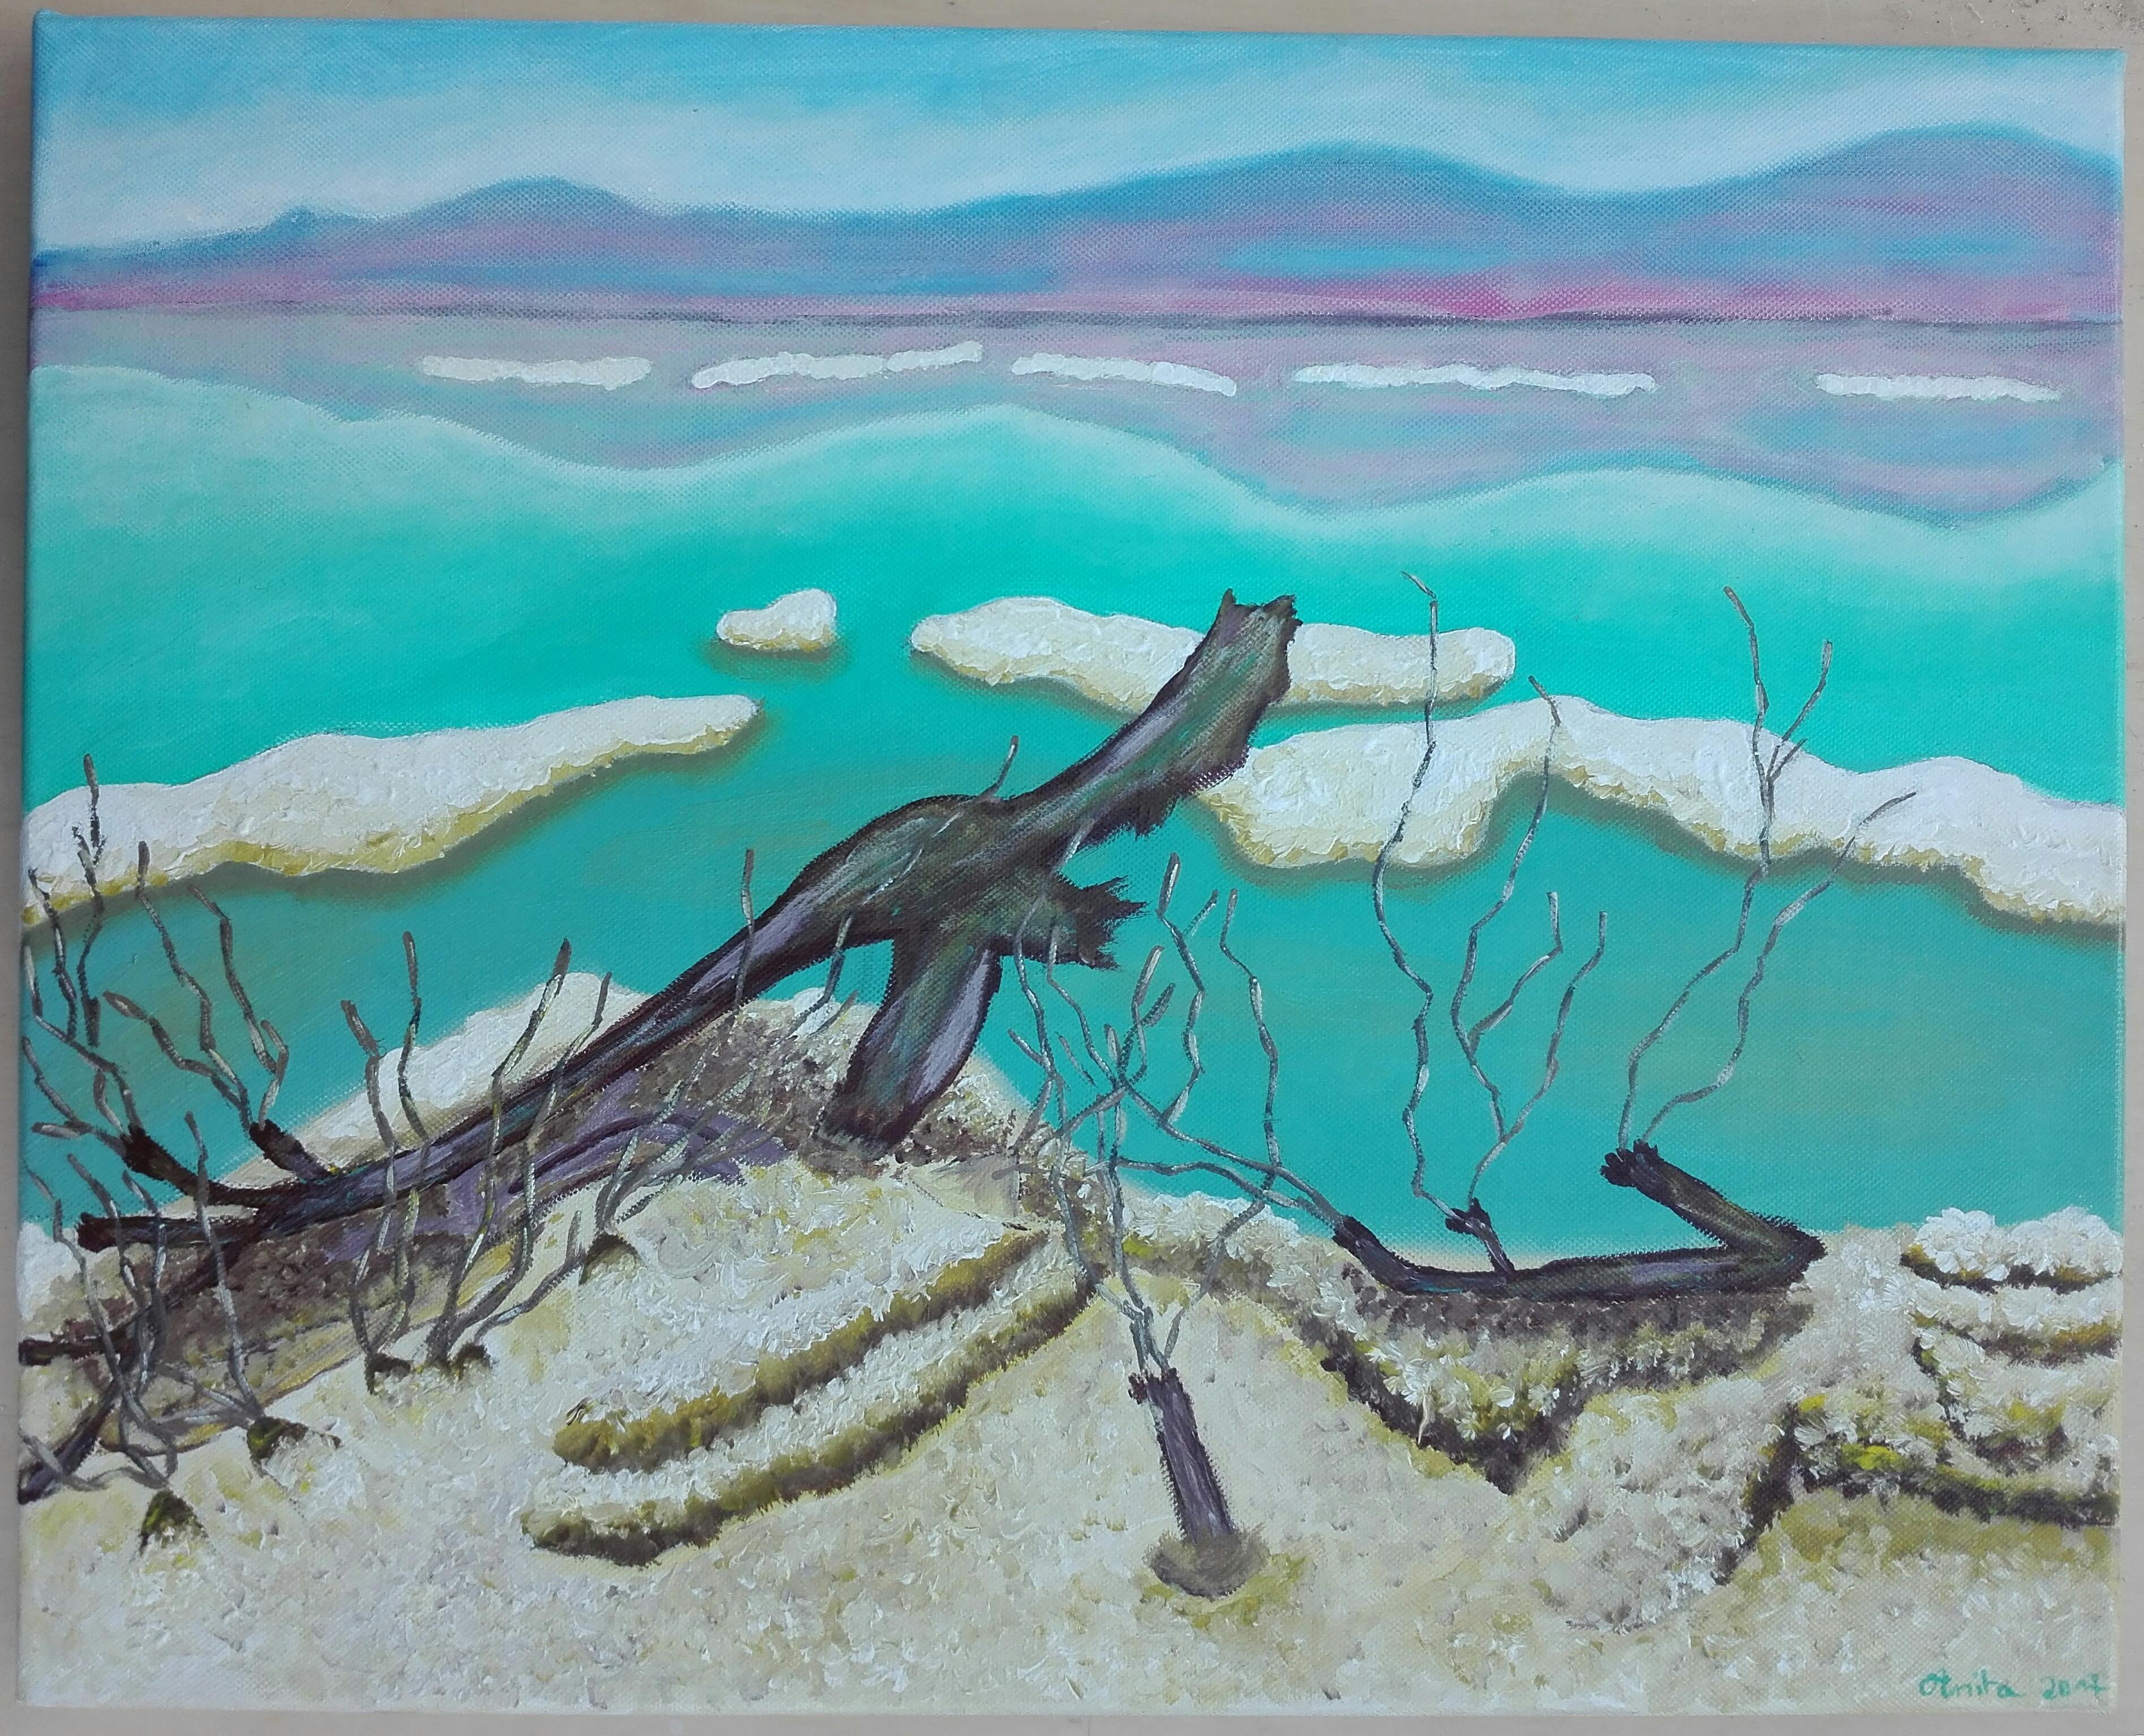 La mer morte, Ein Bokek